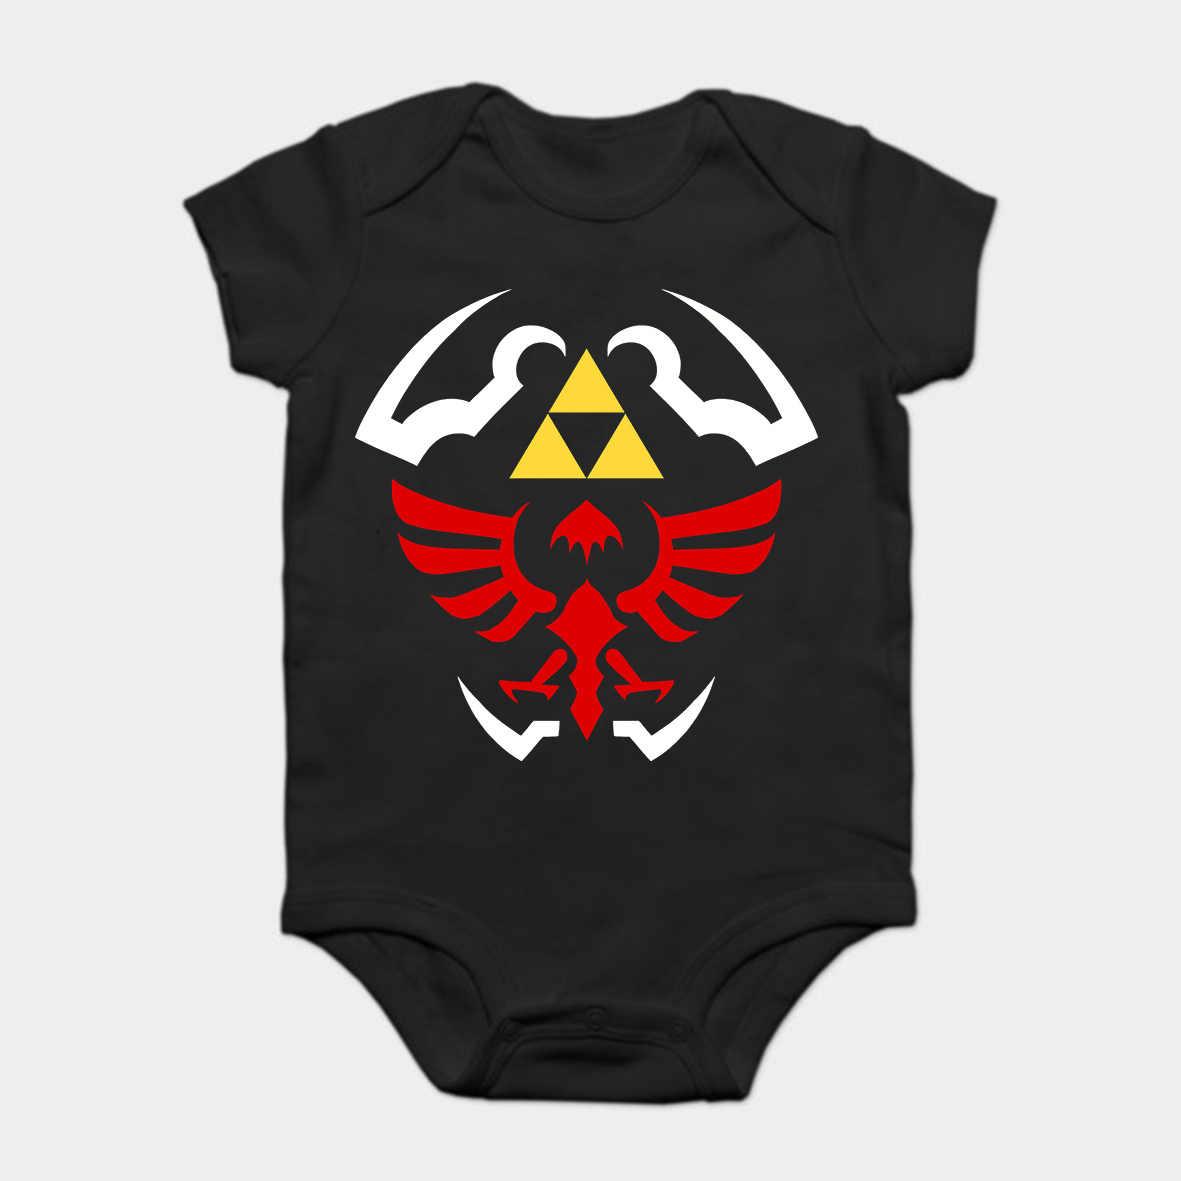 Bebê macacão bebê bodysuits criança t camisa moda legal engraçado hylian escudo-lenda de zelda personalizado impresso